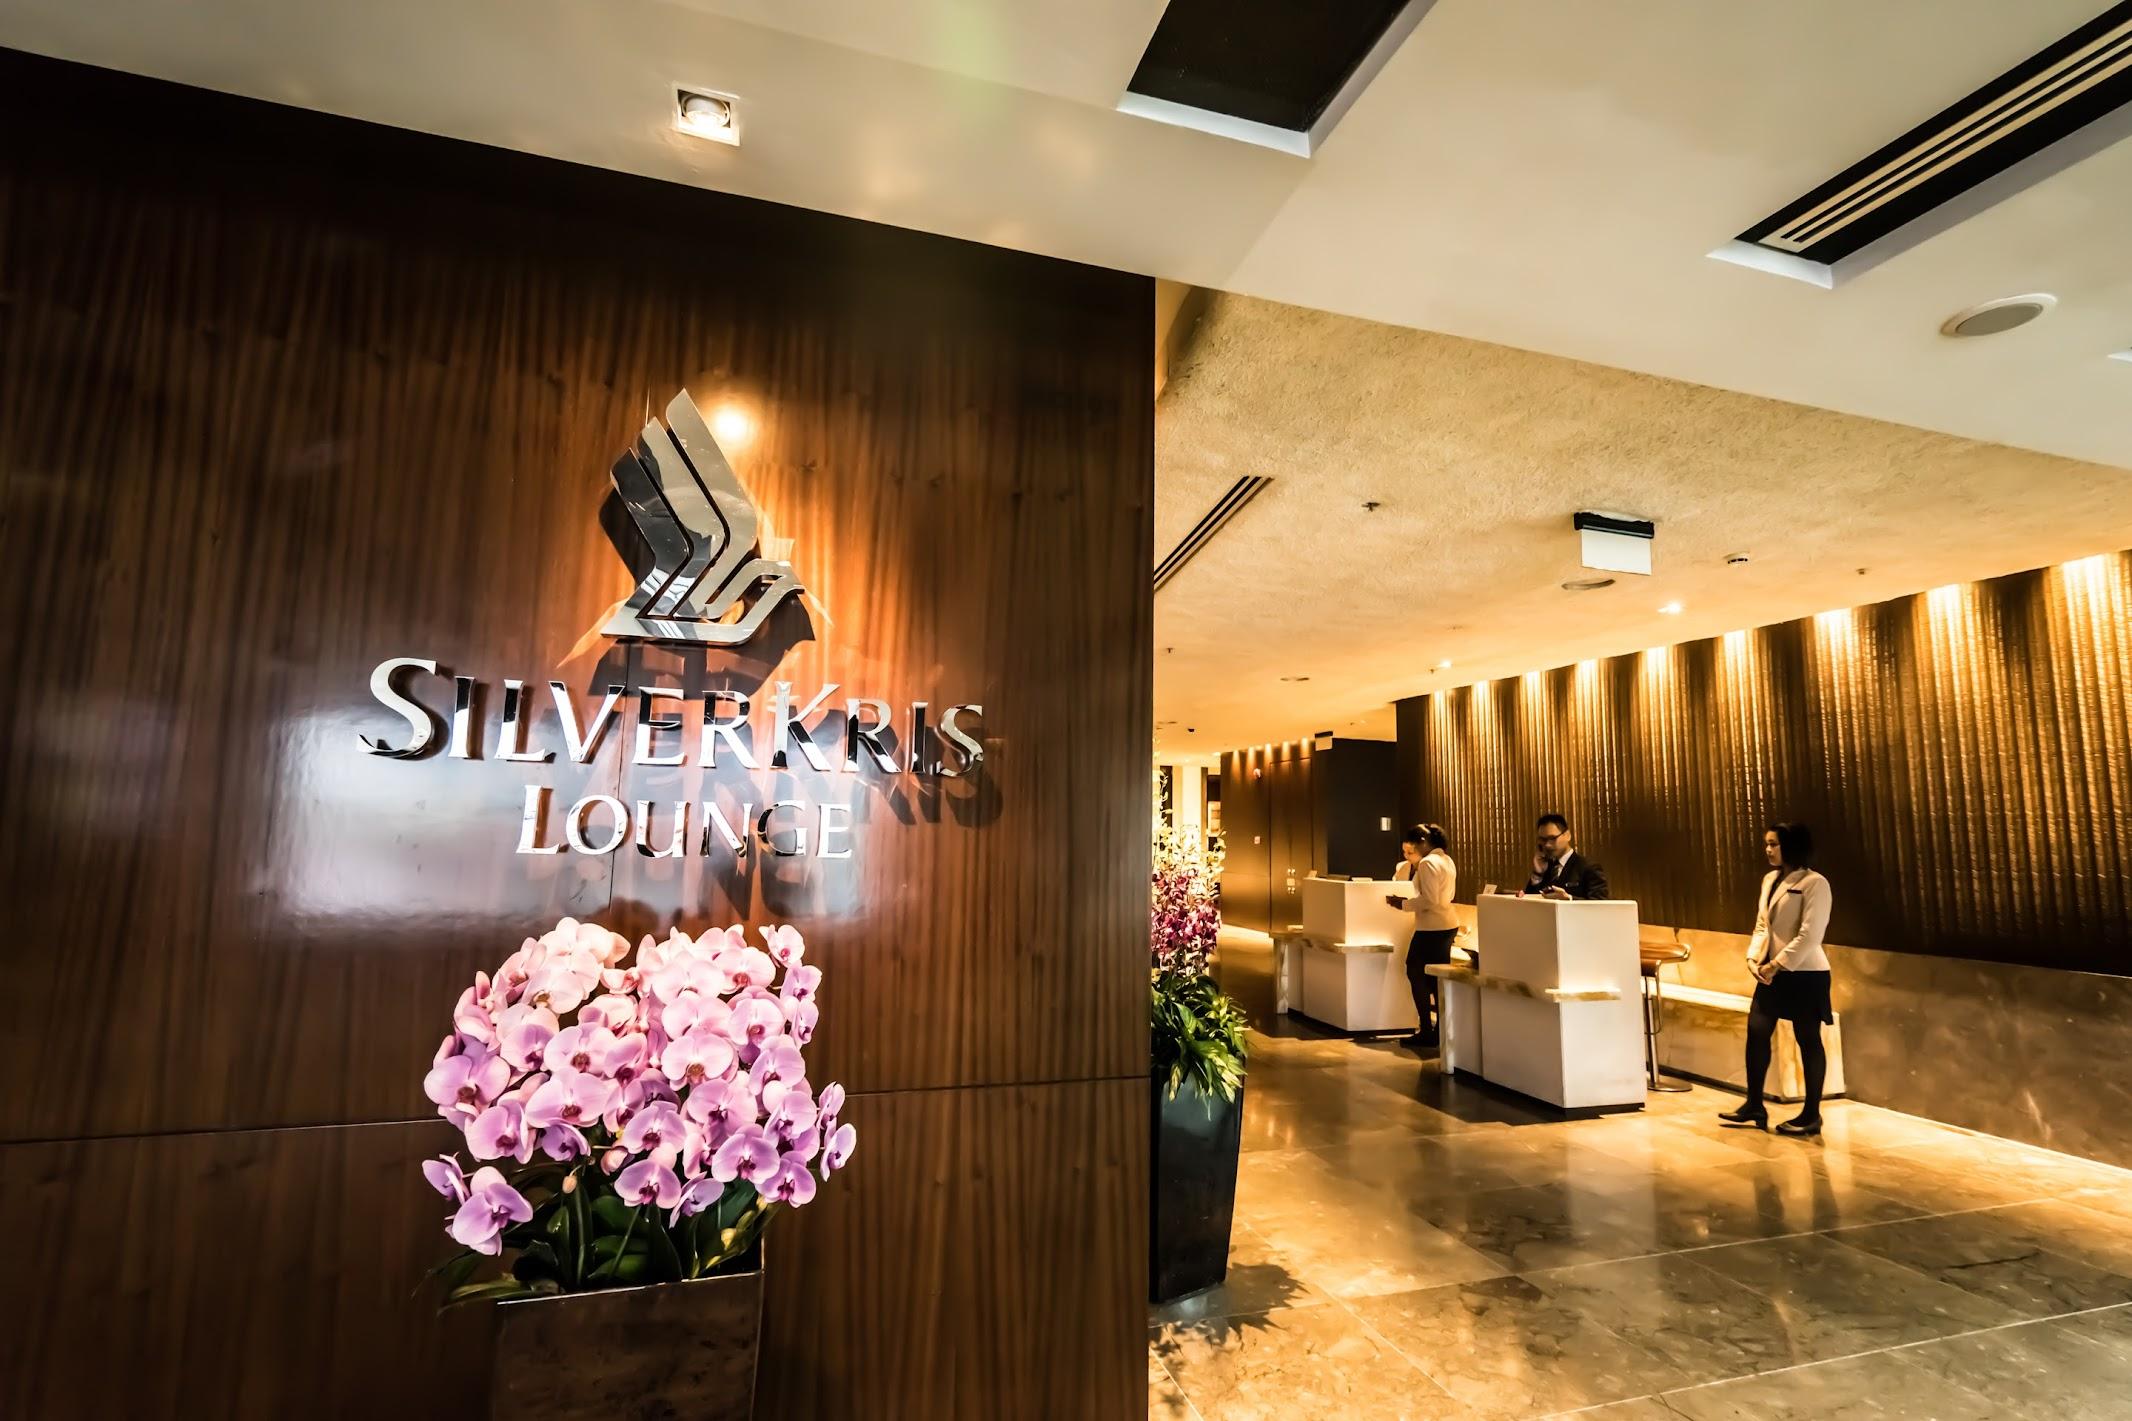 シンガポール航空 チャンギ空港 SilverKris Lounge1